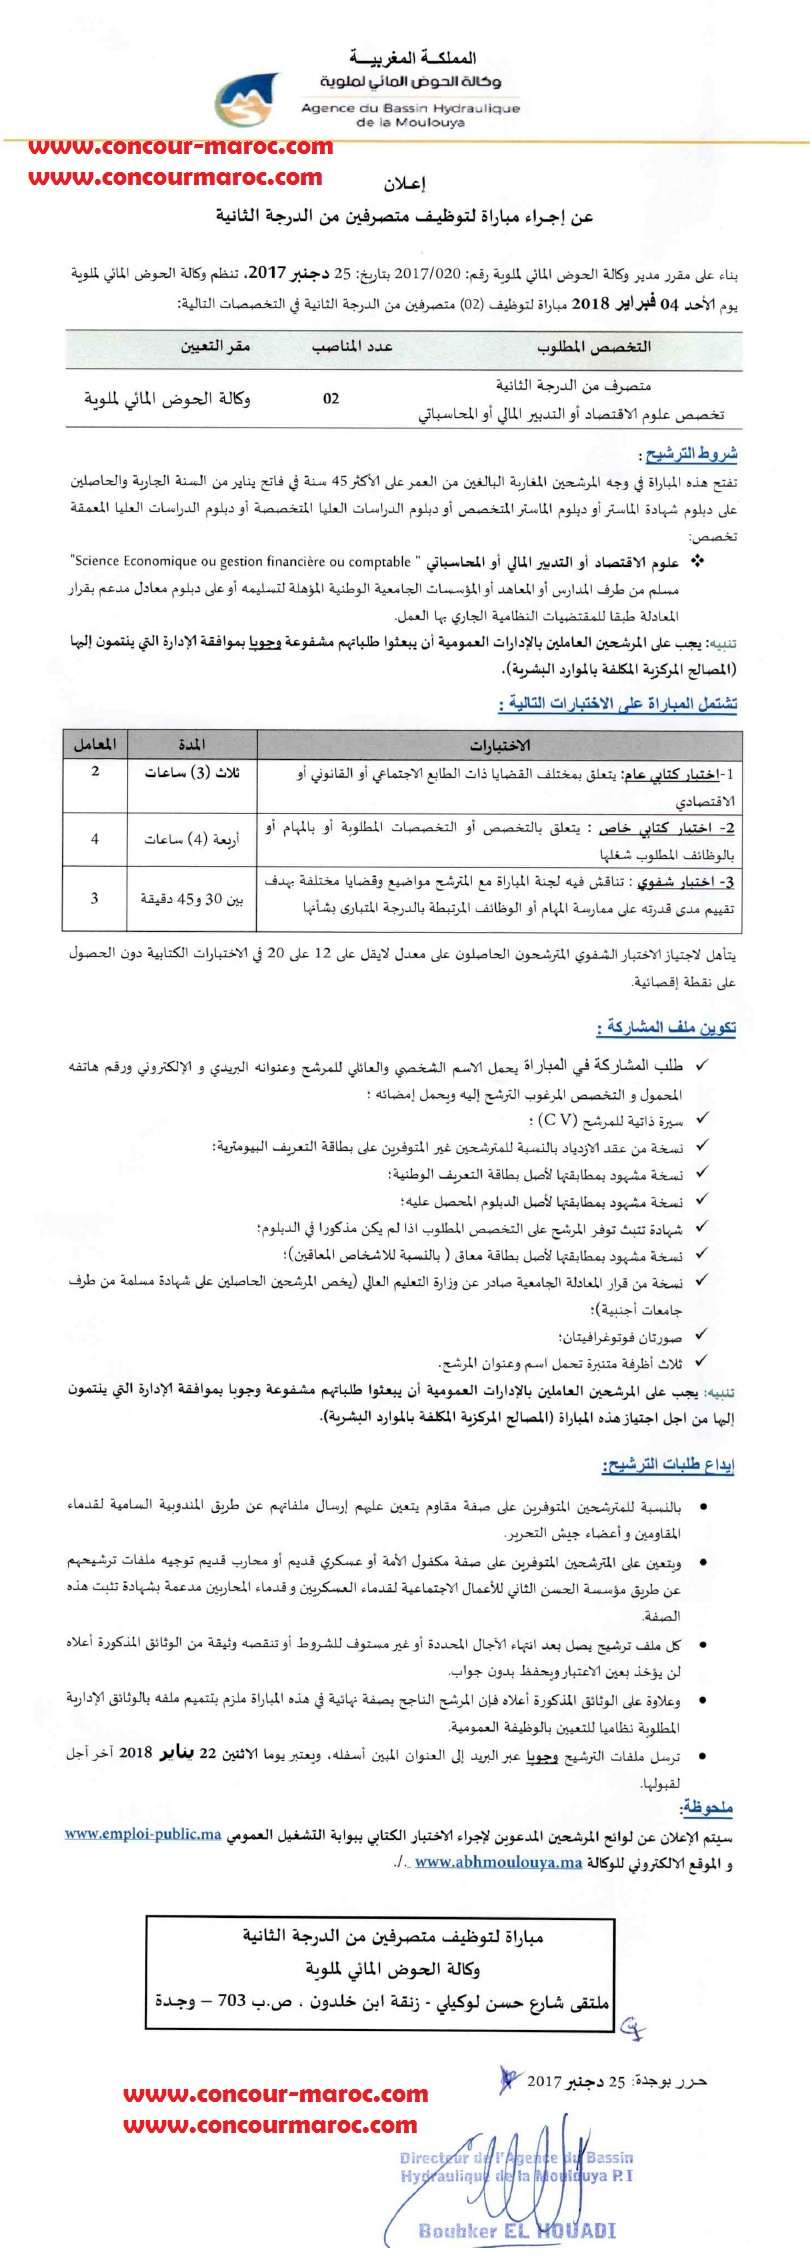 وكالة الحوض المائي لملوية : مباراة لتوظيف 05 تقني من الدرجة الثالثة و الرابعة و 02 متصرف من الدرجة الثانية آخر أجل 22 يناير 2018  Agence24